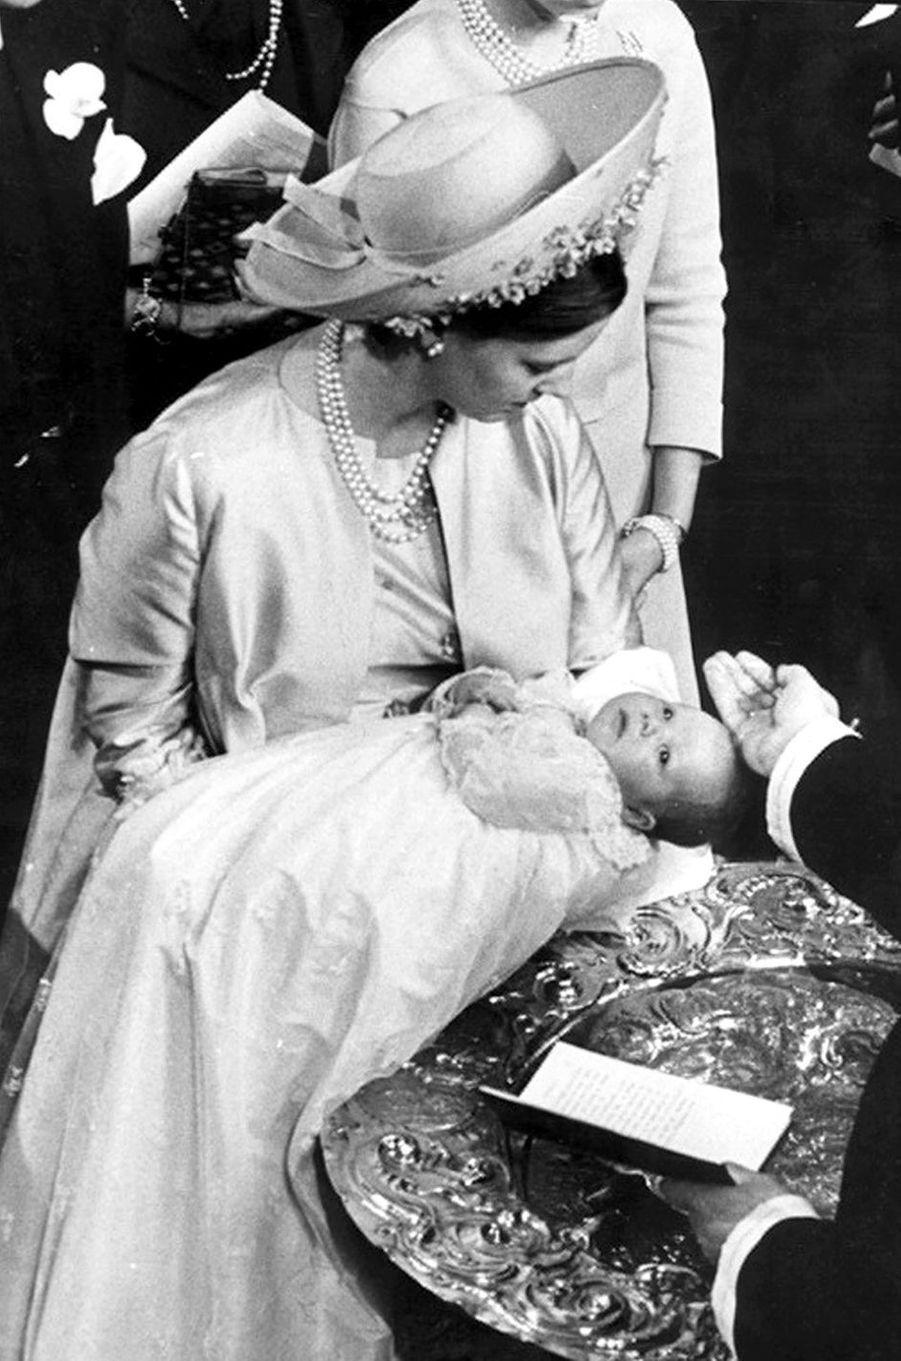 Le prince Frederik de Danemark le jour de son baptême, le 24 juin 1968